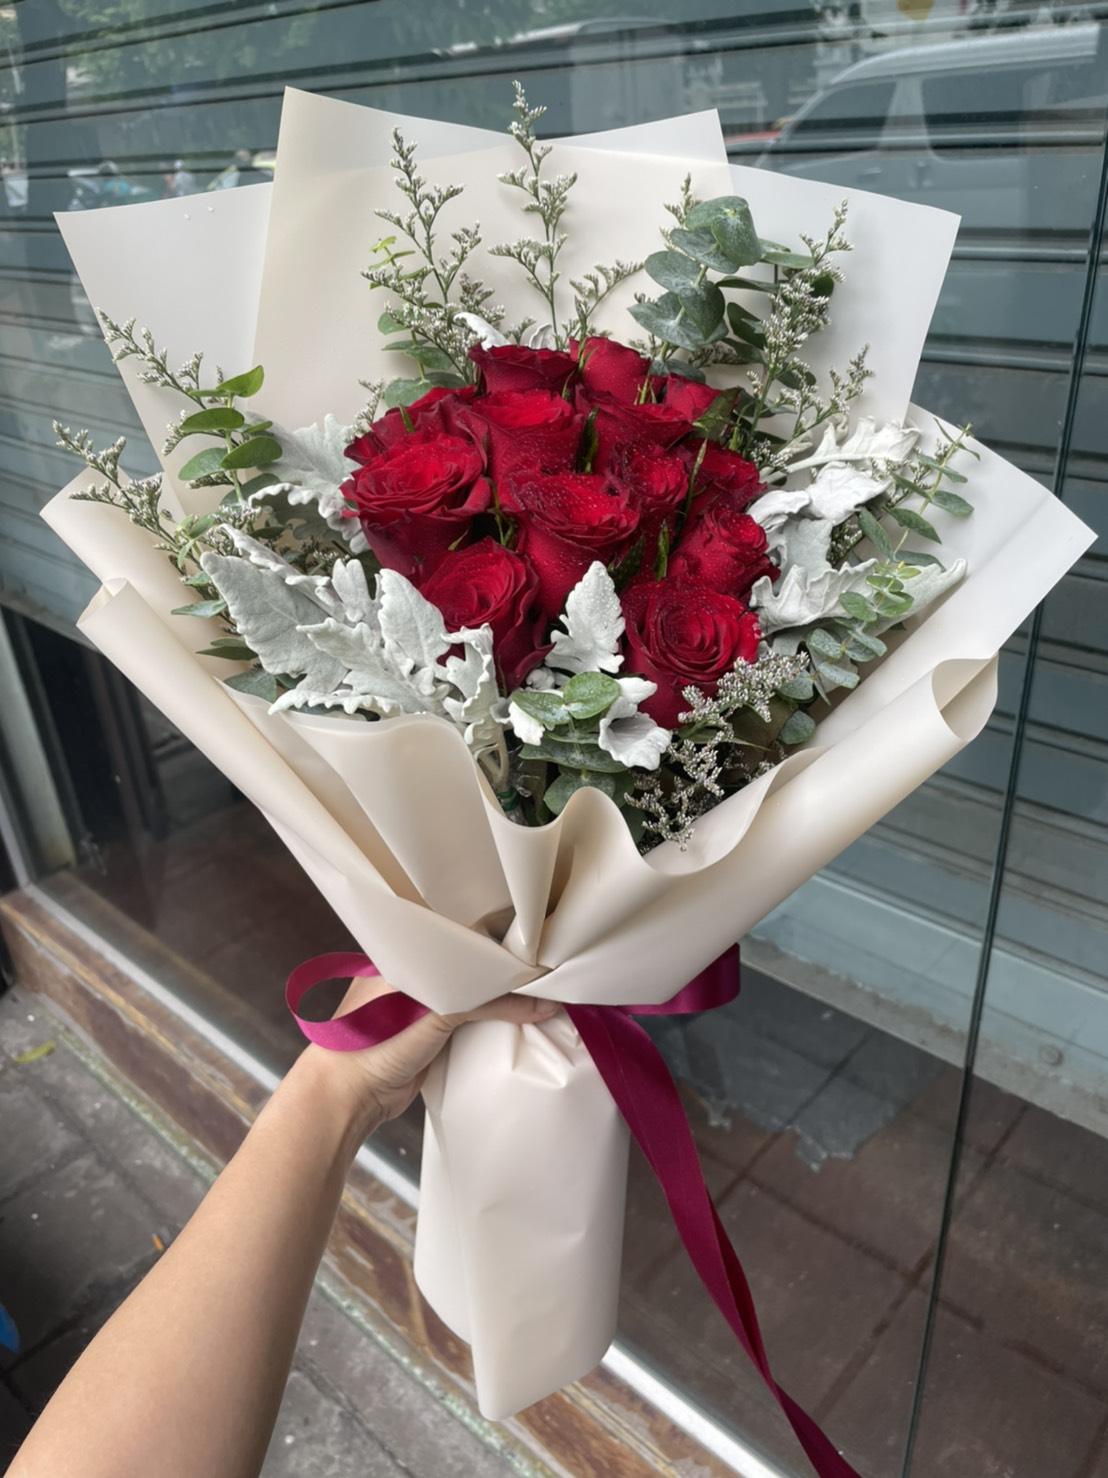 ช่อกุหลาบสีแดงสด สวยงามมาแต่ไกลต้องยกให้ช่อดอกไม้ช่อนี้ค่ะ มอบให้ผู้รับ มั่นใจว่าปลื้มปริ่มไปทั้งวัน